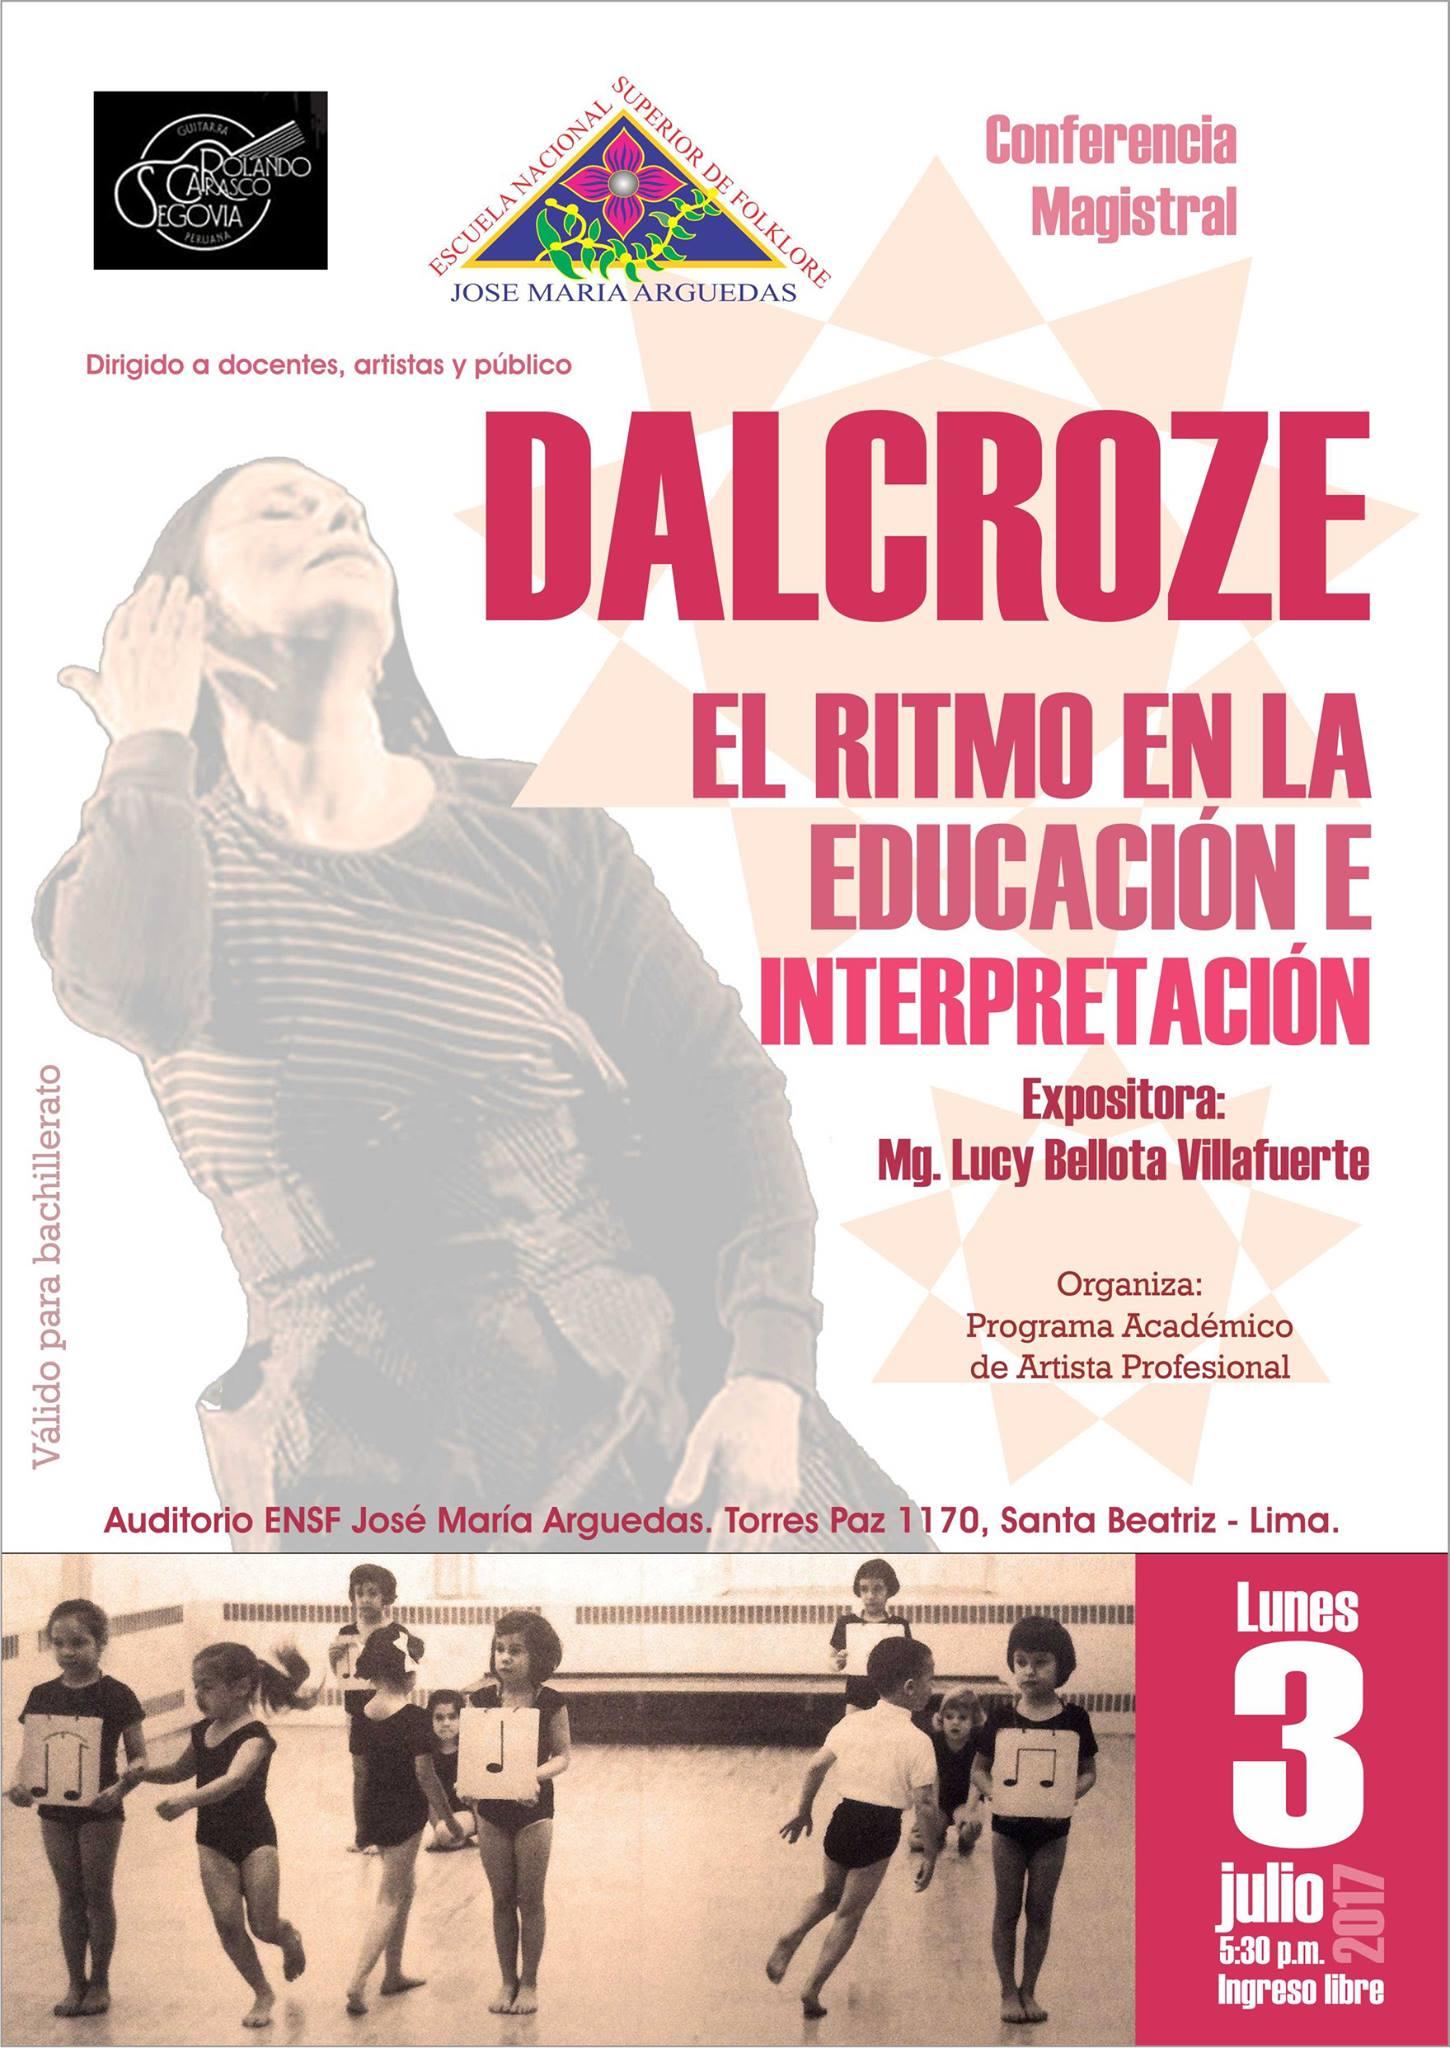 DALCROZE – El ritmo en la educación e interpretación